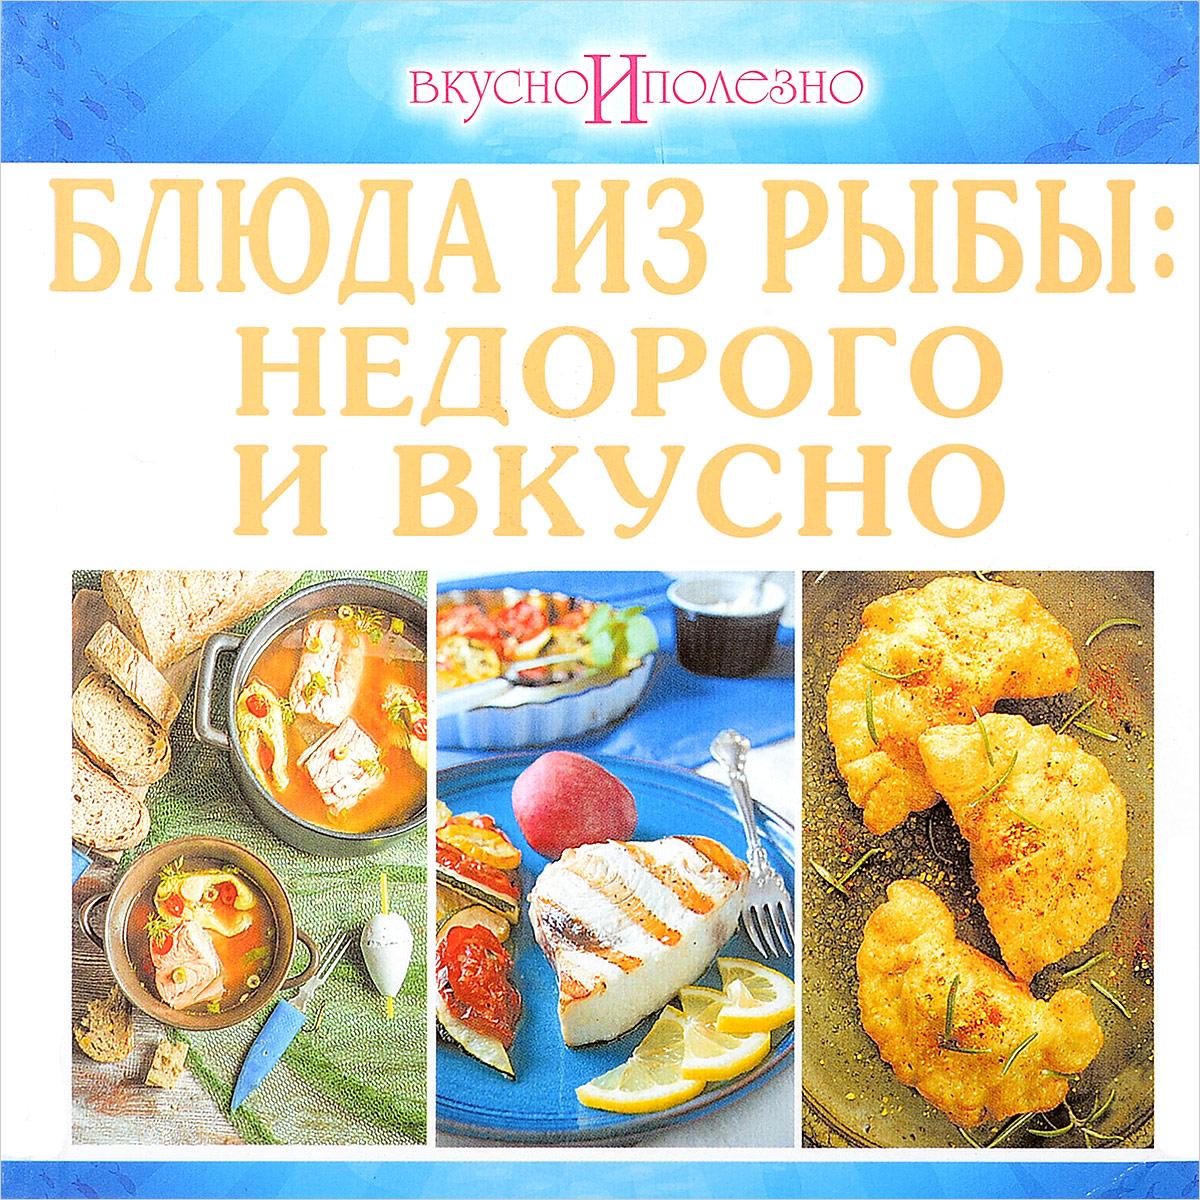 Блюда из рыбы. Недорого и вкусно человек из рыбы